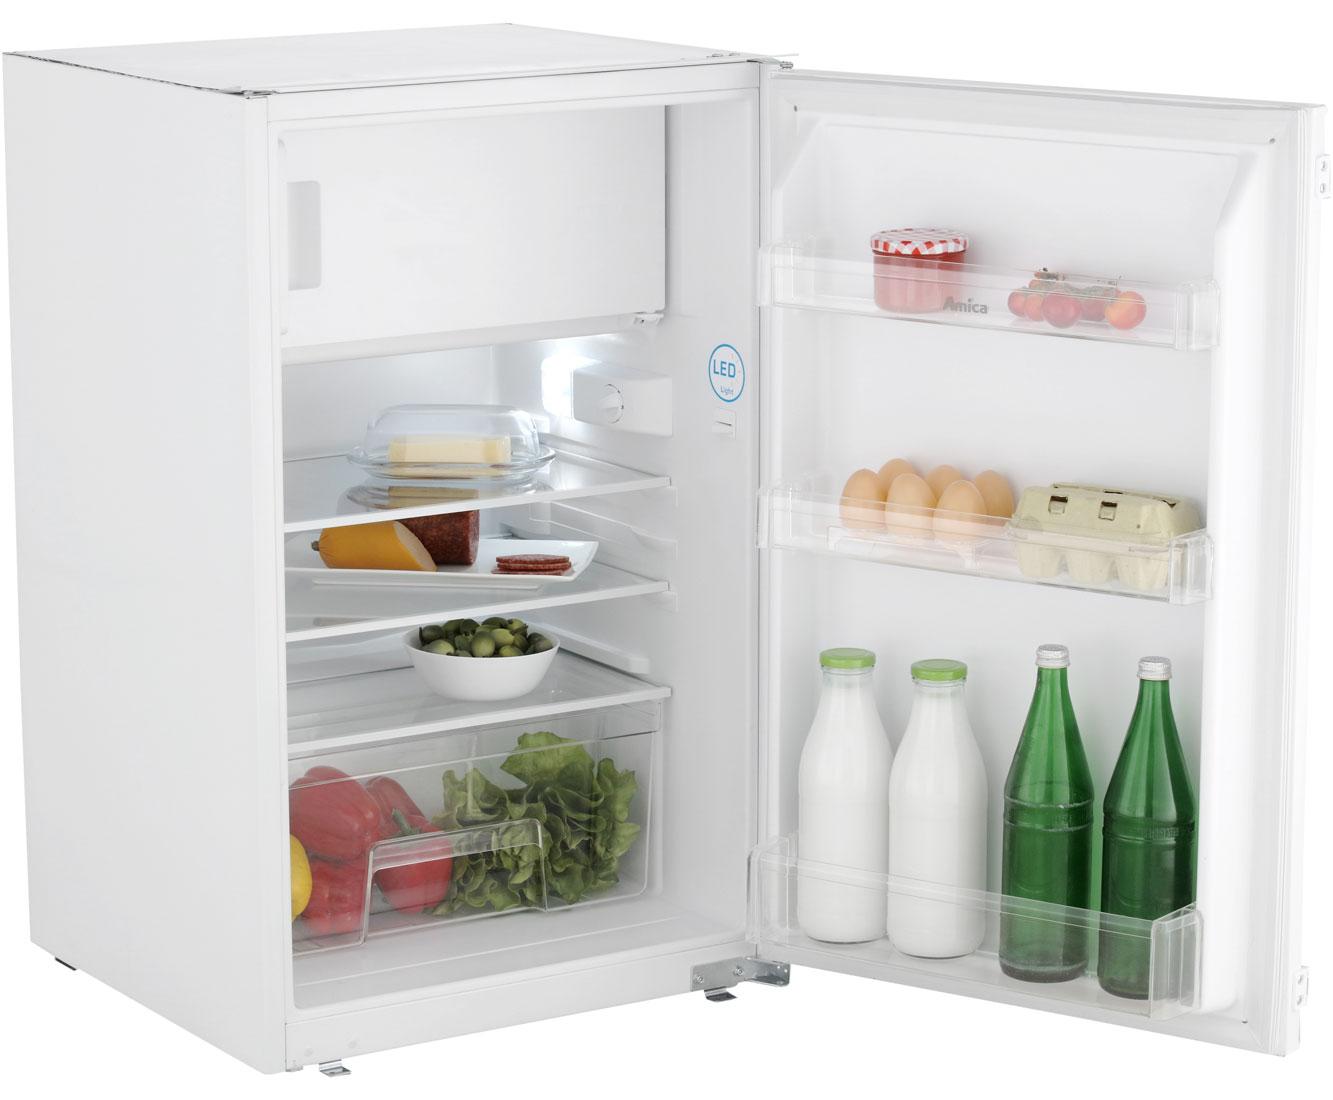 Aeg Kühlschrank Zu Kalt Auf Stufe 1 : Kühlschrank einstellen kühlschrank modelle